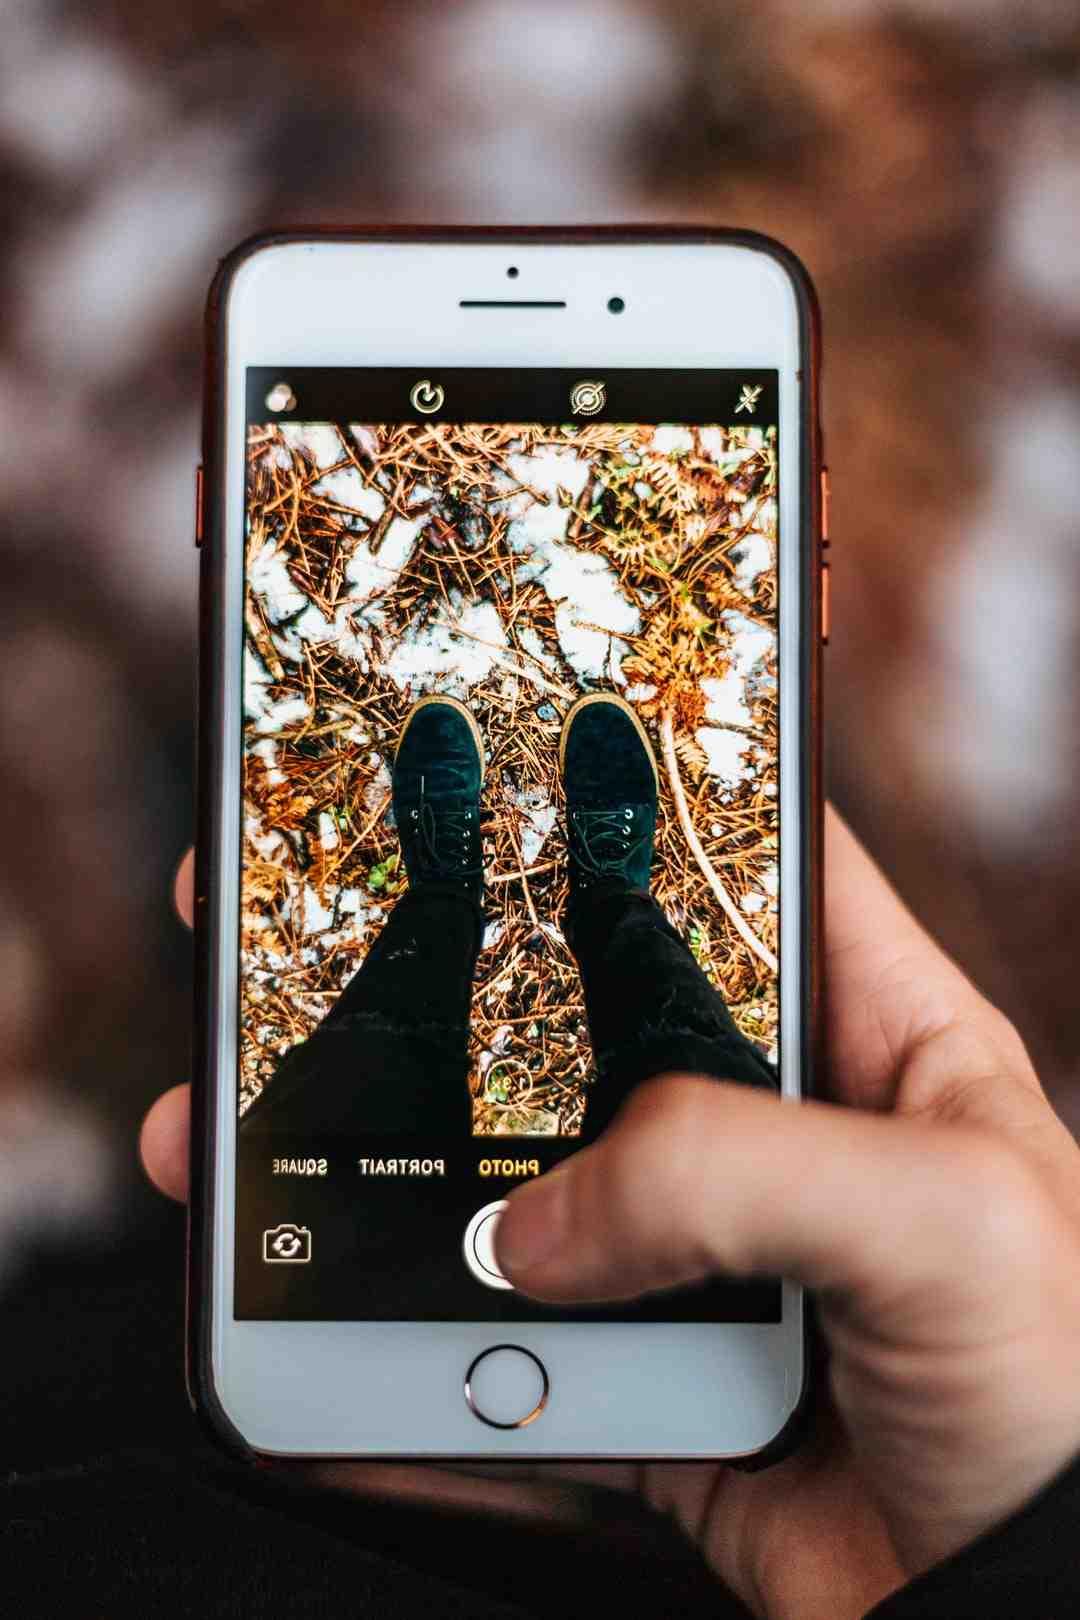 Pourquoi je n'arrive pas à importer mes photos iPhone ?